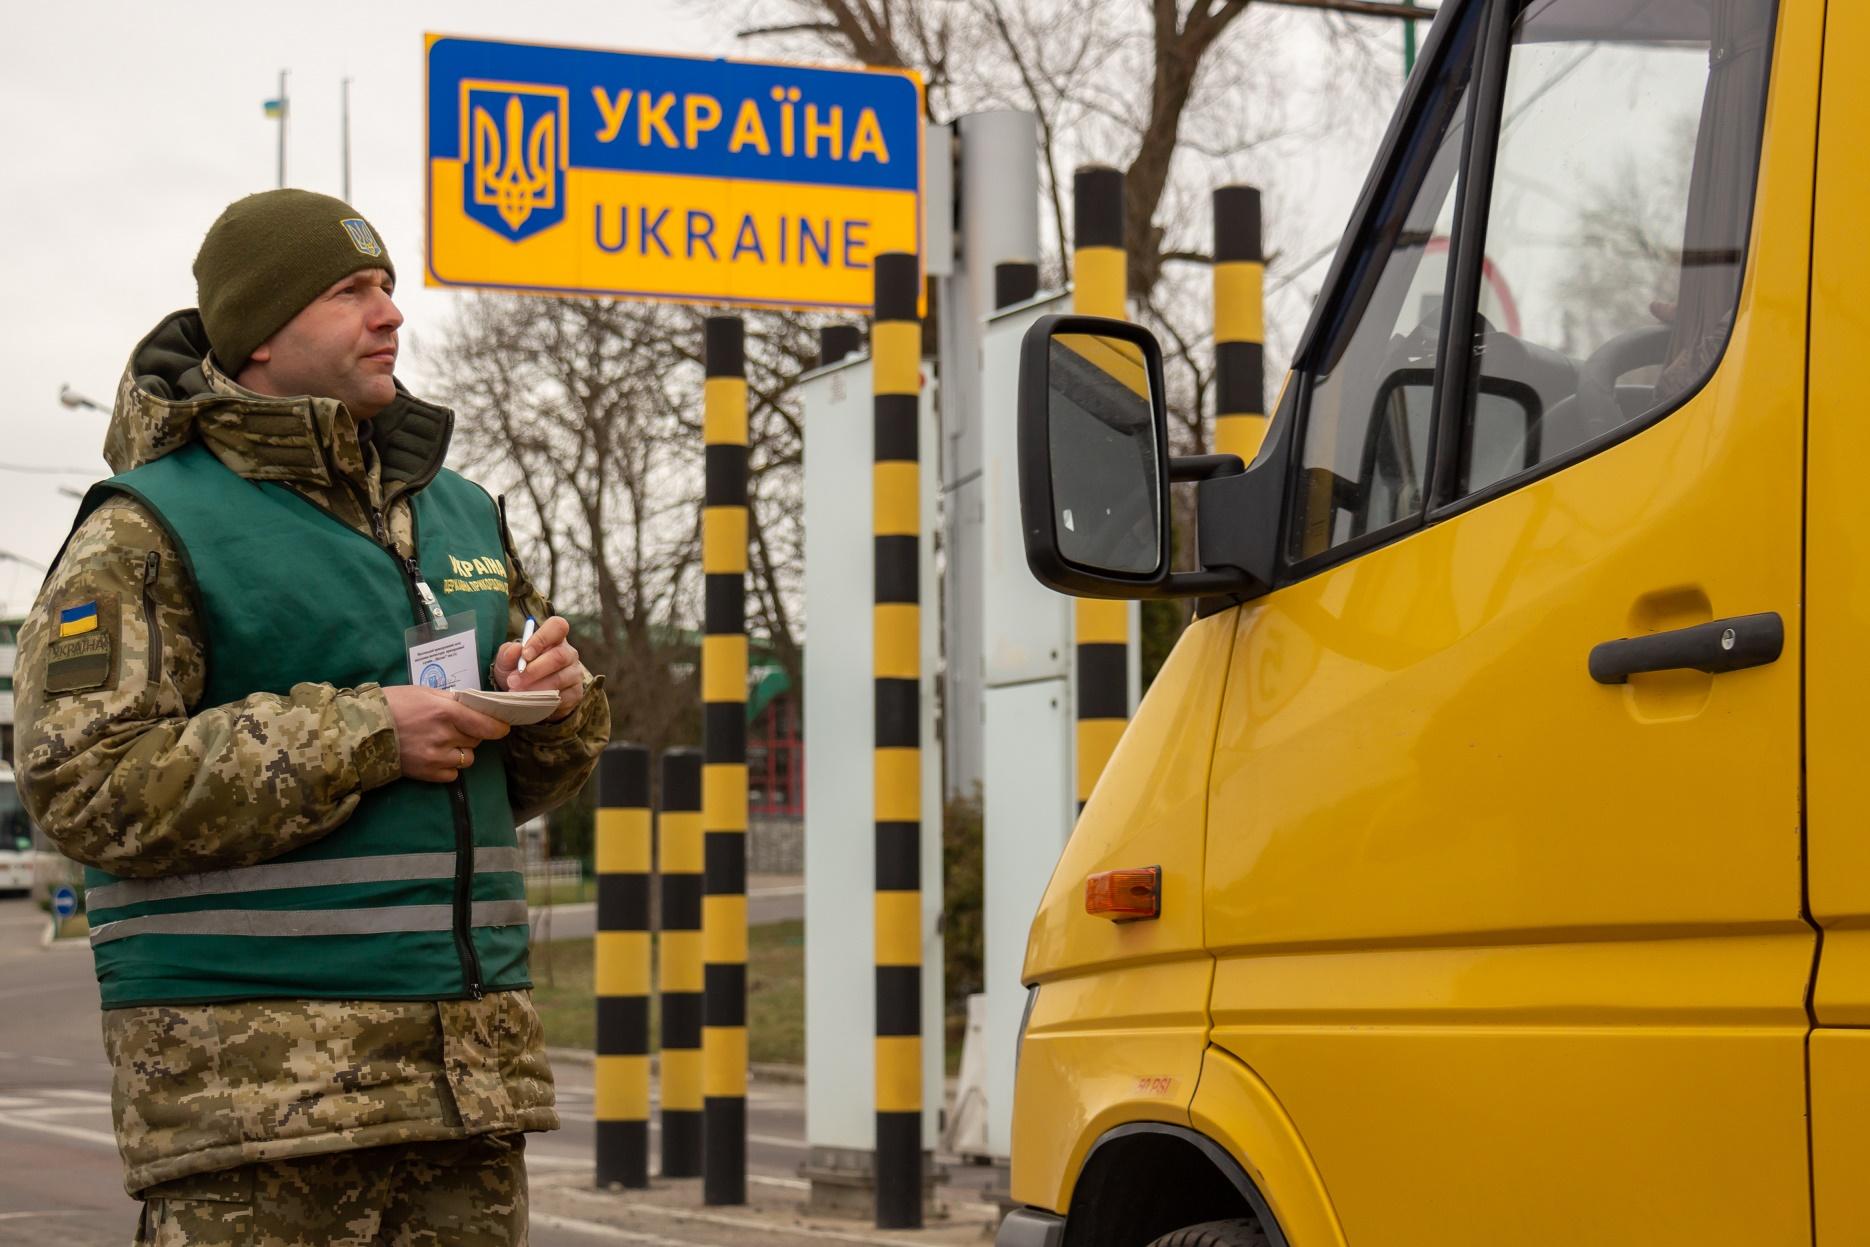 Розширено перелік підстав для заборони на в'їзд іноземців до України -  - news 20200113 162210 1578925330